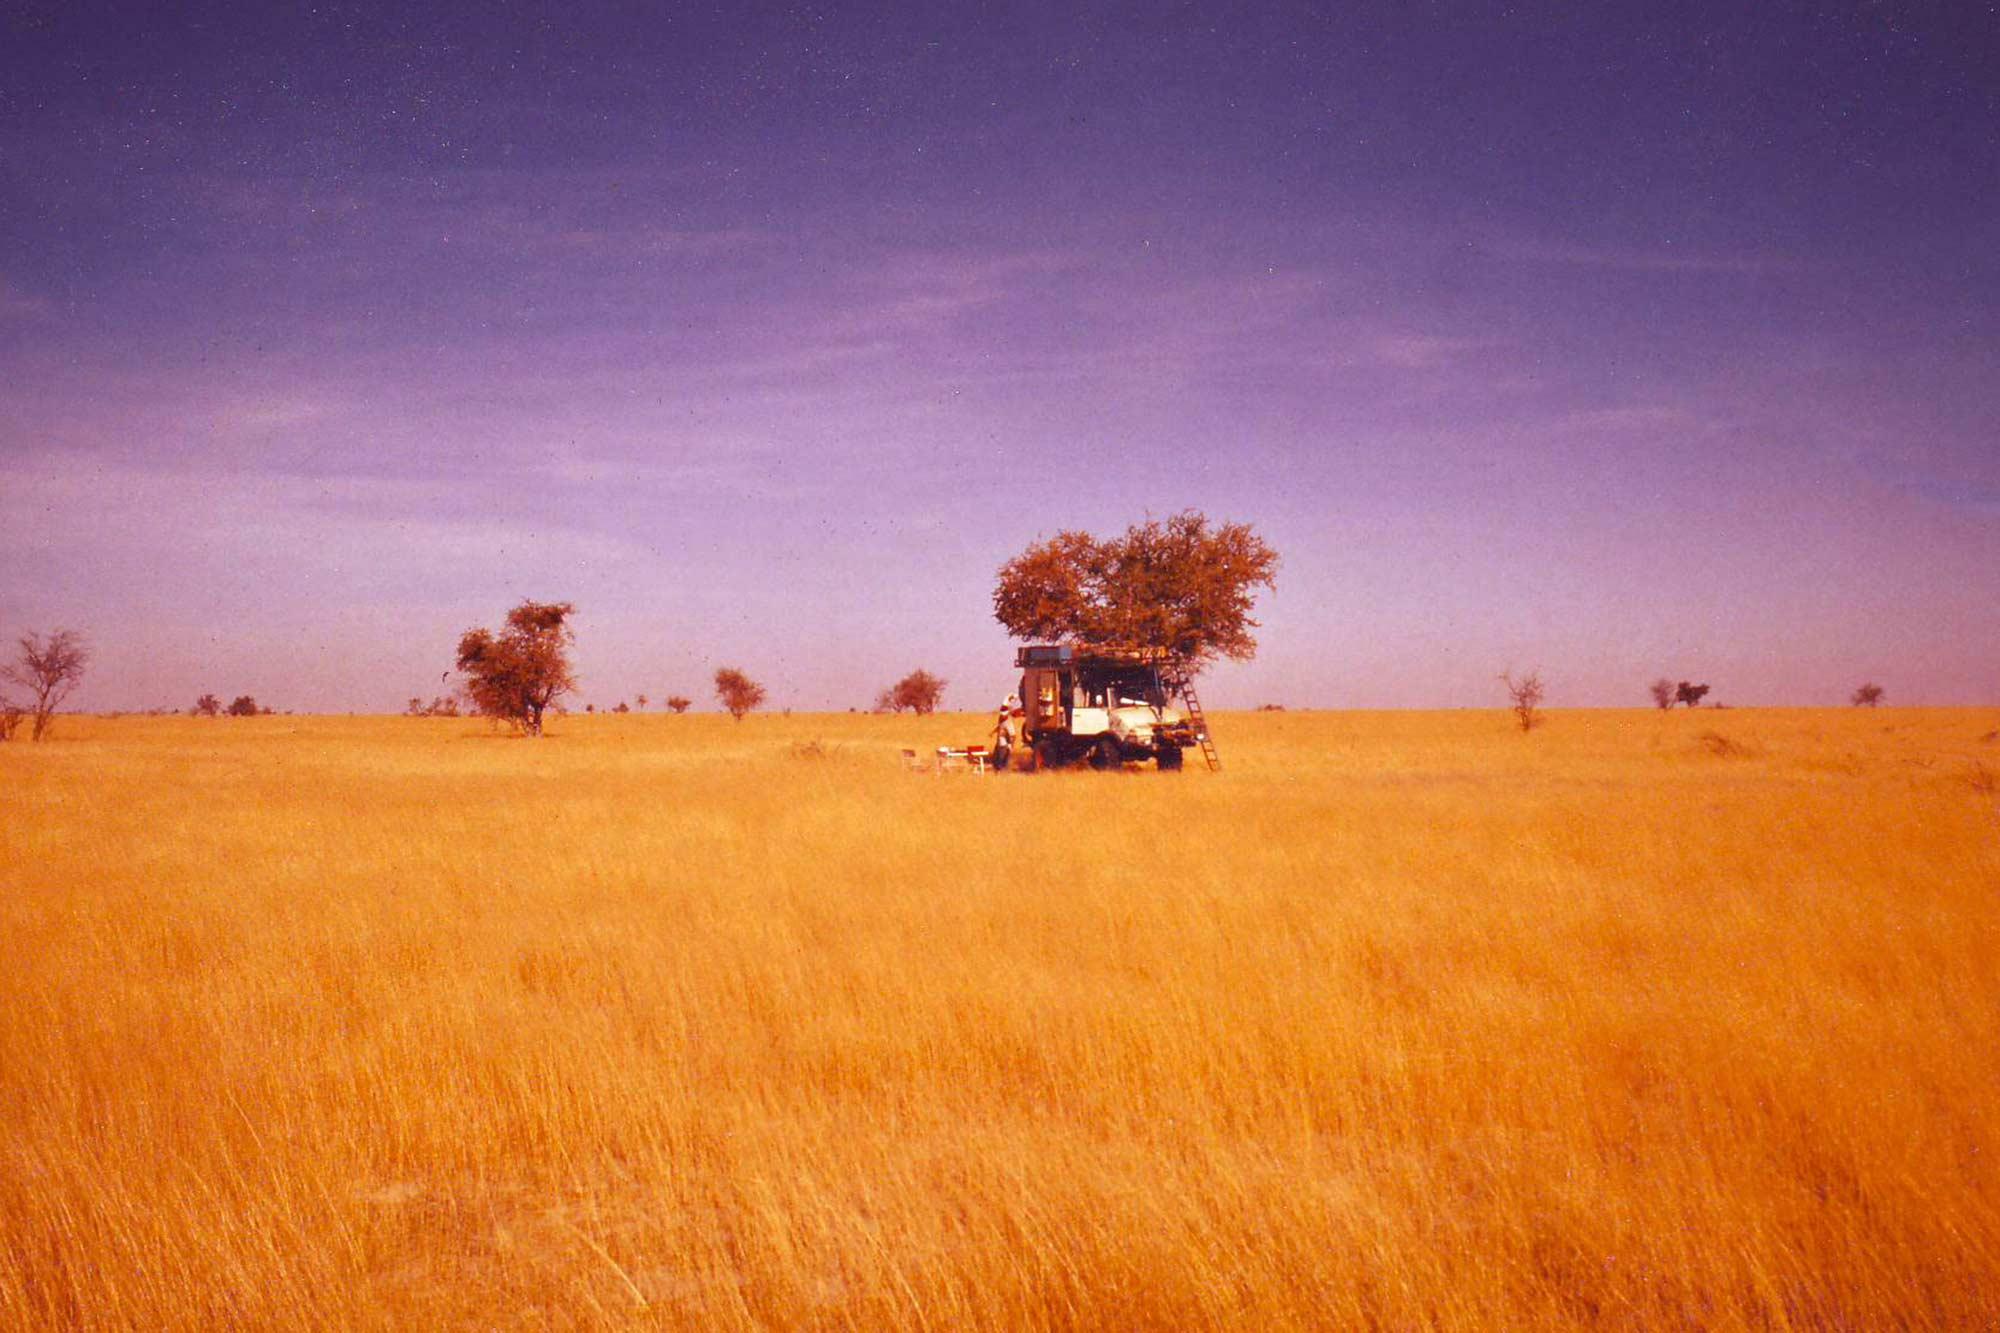 camping-kenya-africa-unimog